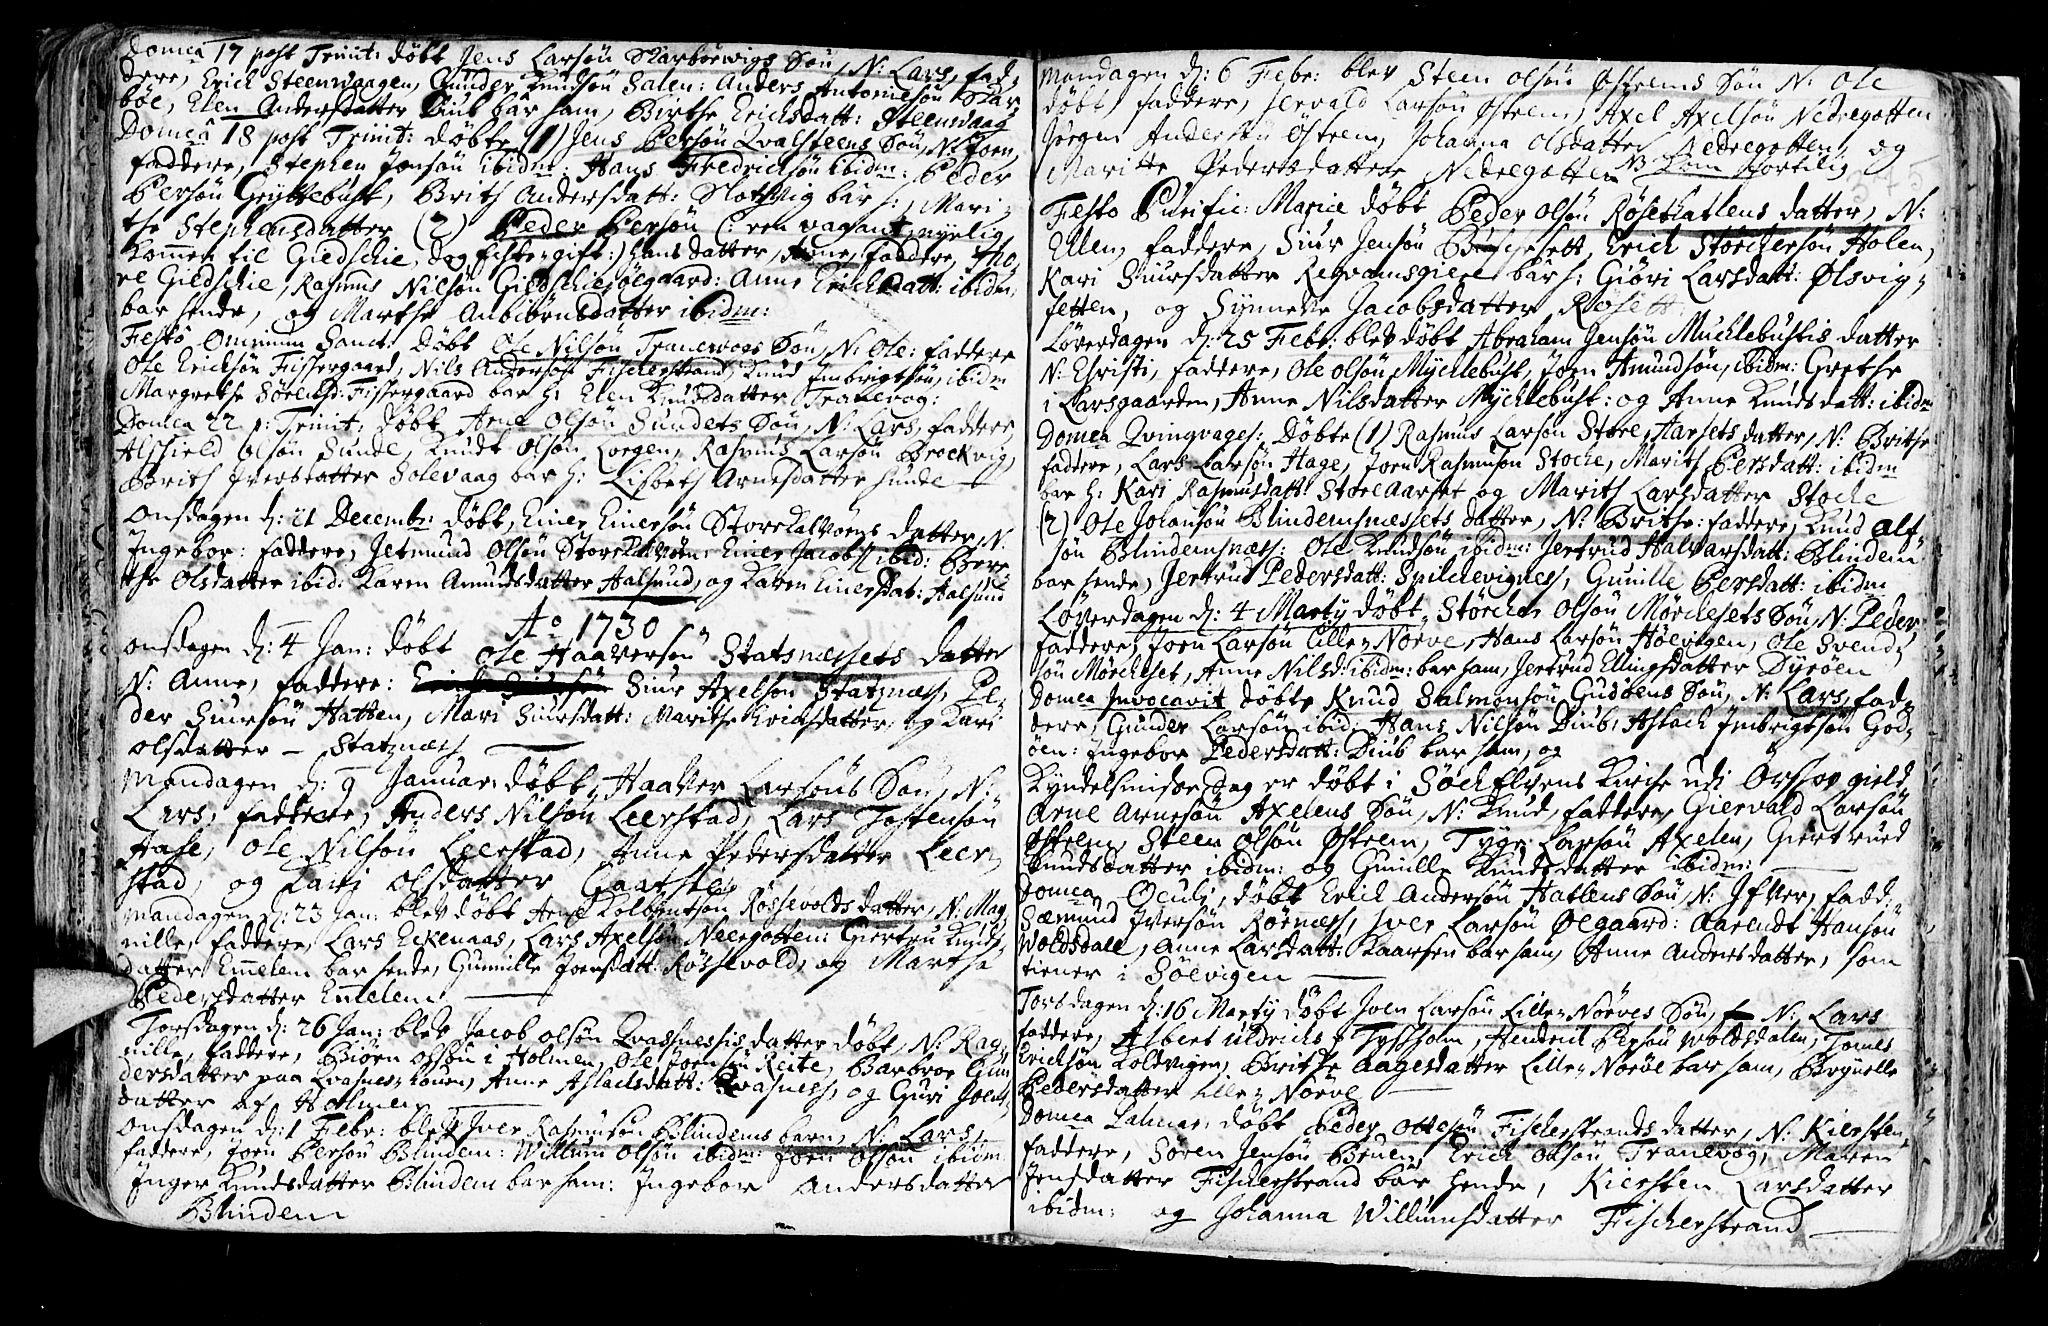 SAT, Ministerialprotokoller, klokkerbøker og fødselsregistre - Møre og Romsdal, 528/L0390: Ministerialbok nr. 528A01, 1698-1739, s. 374-375